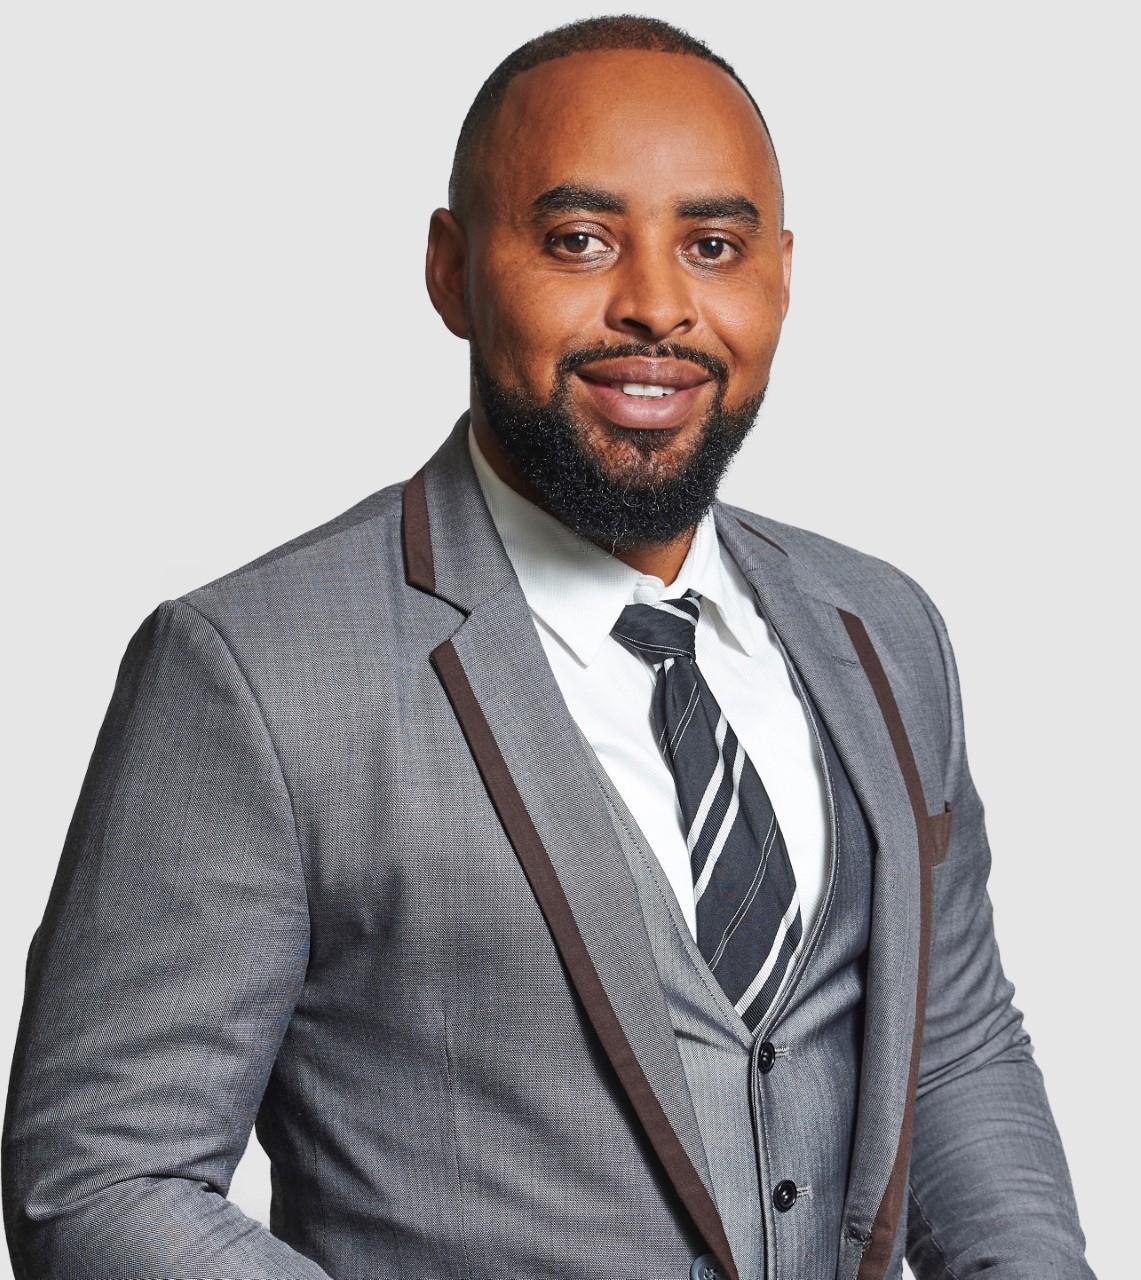 Olivier Munyaburanga